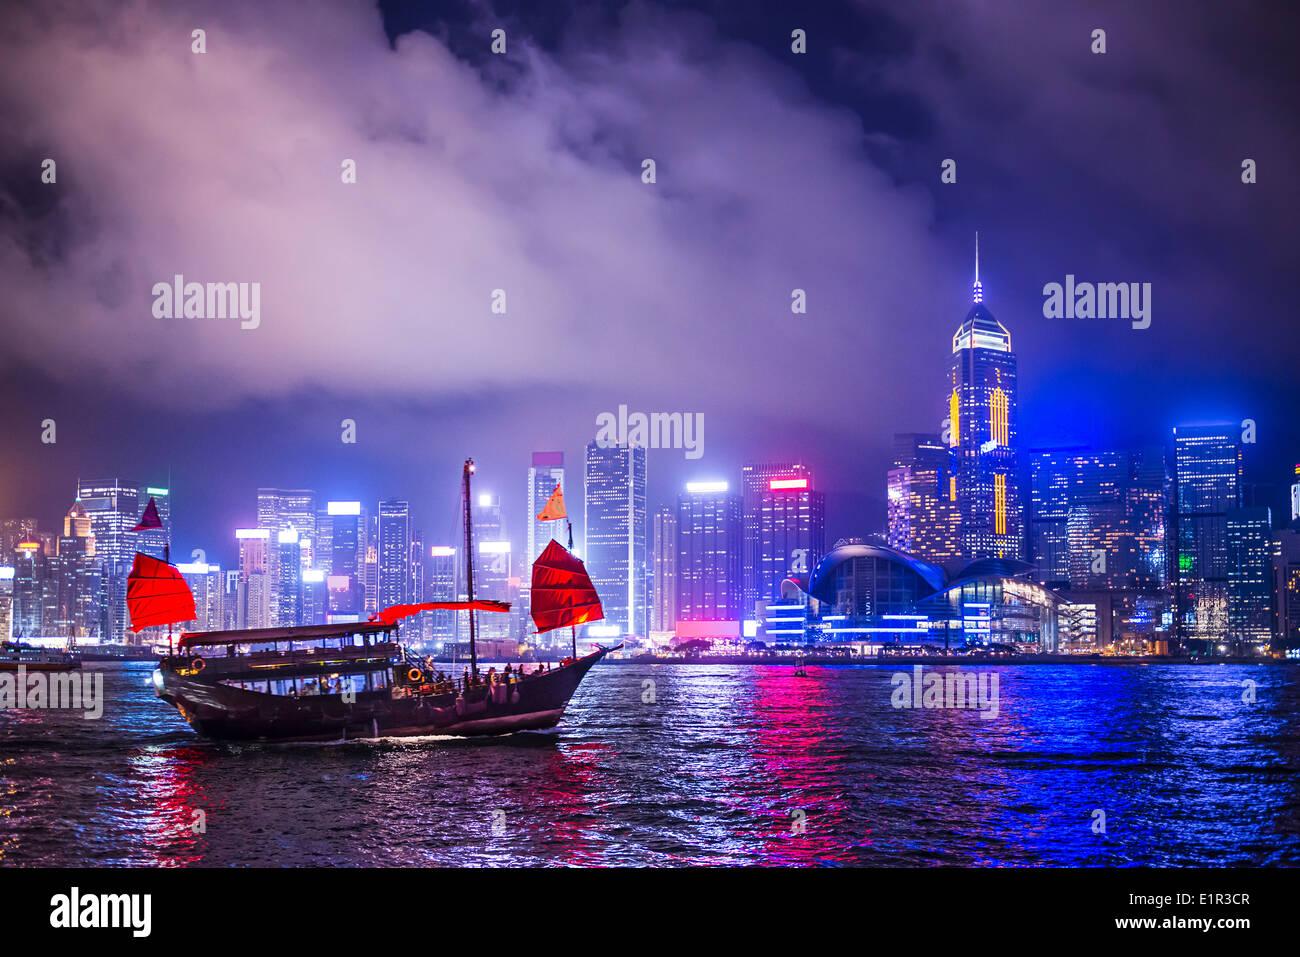 Hong Kong Cina presso il Victoria Harbour. Immagini Stock